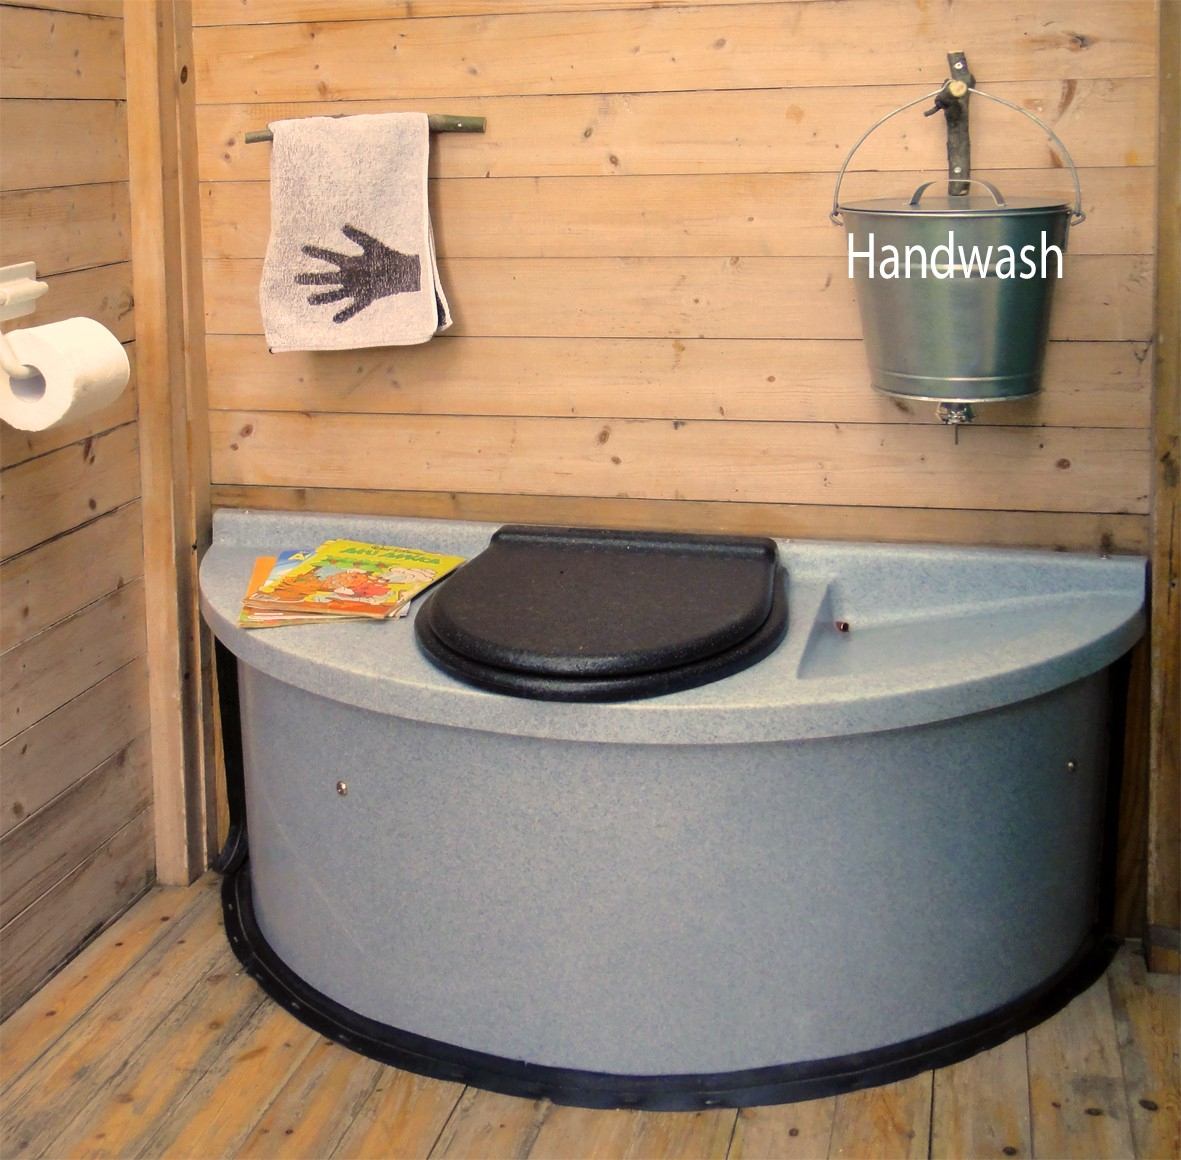 Toilette Sèche À Compost Vu Ekolet - Toilette Sèche serapportantà Toilette Seche Interieur Maison